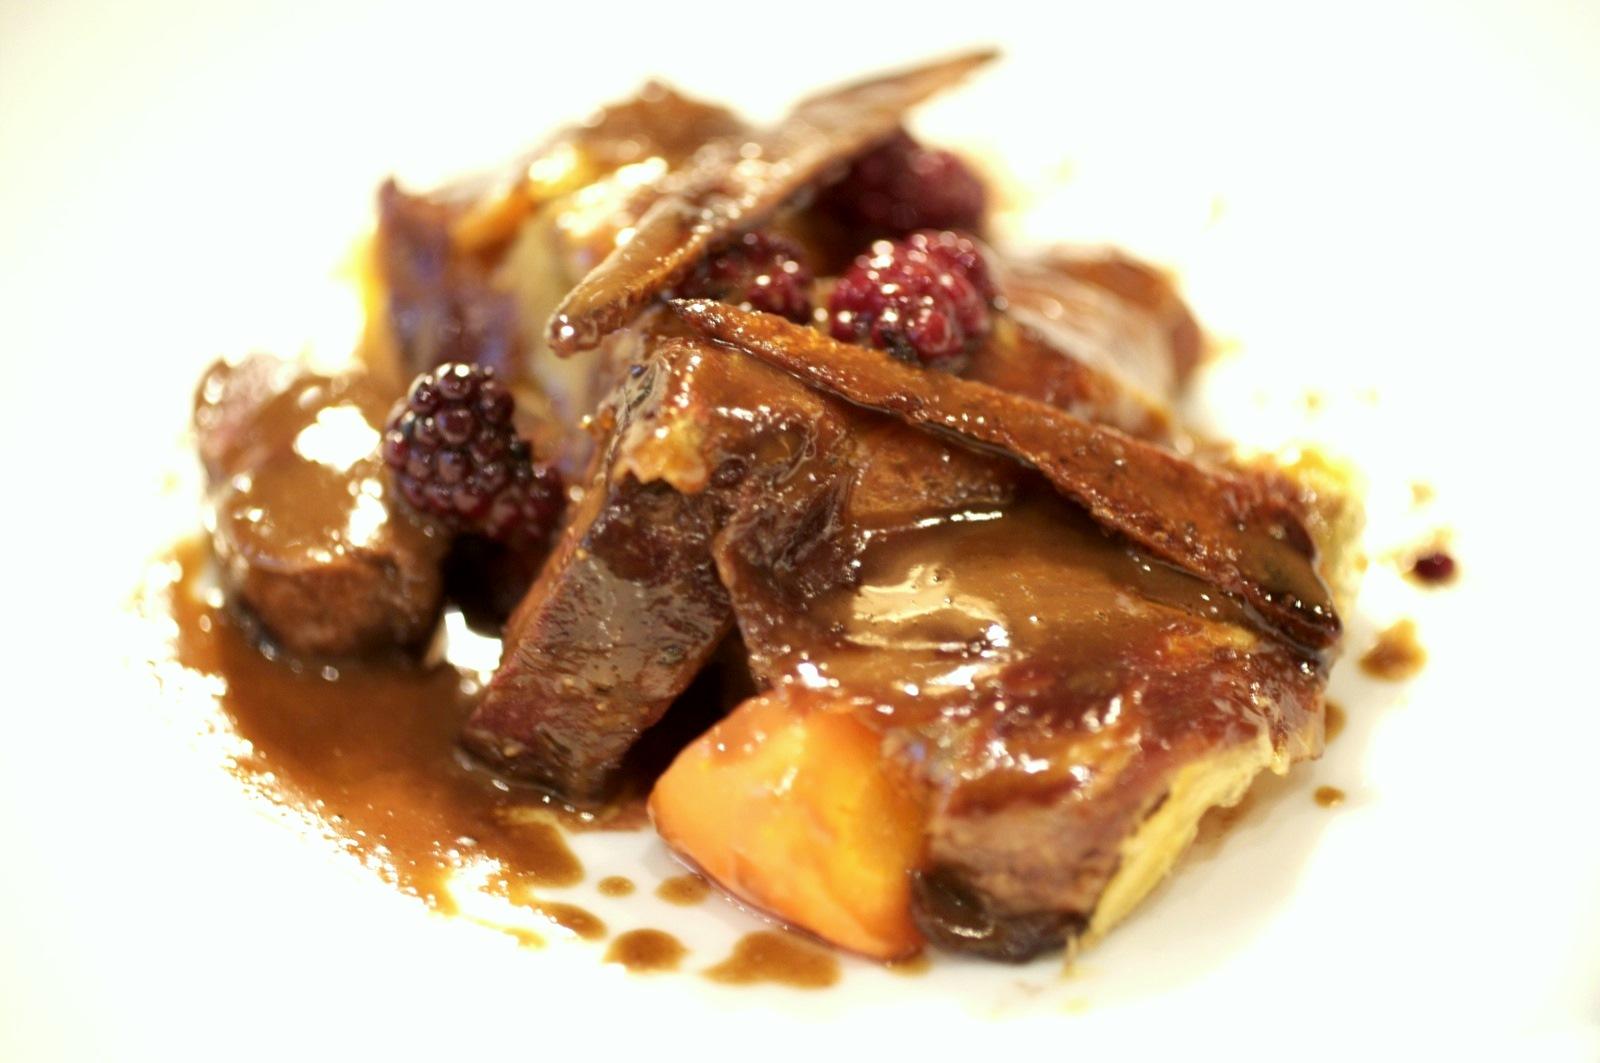 Pierre Gagnaire, Paris - Petit canard Pékin rôti entier à l'étouffée, aux aromatiques. Les filets sont taillés en petits pavés; carottes